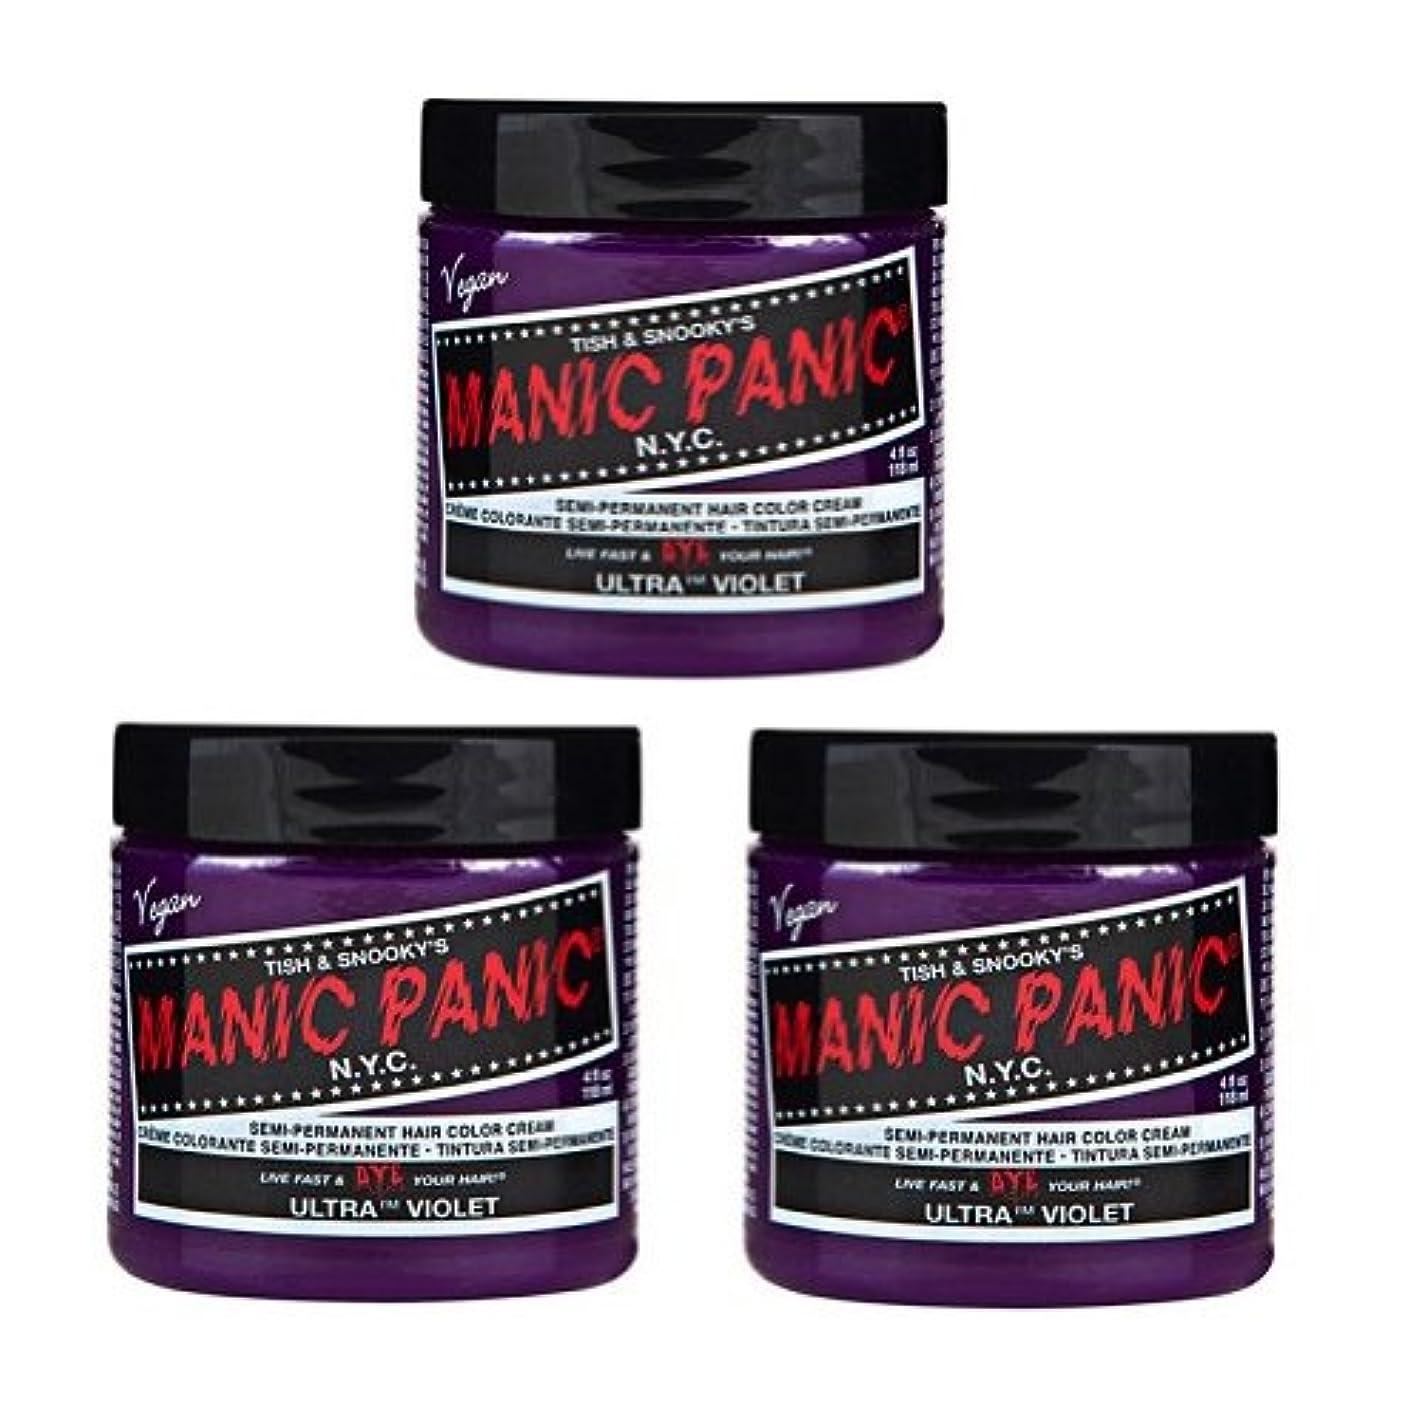 創傷レザーくま【3個セット】MANIC PANIC マニックパニック Ultra Violet ウルトラヴァイオレット 118ml